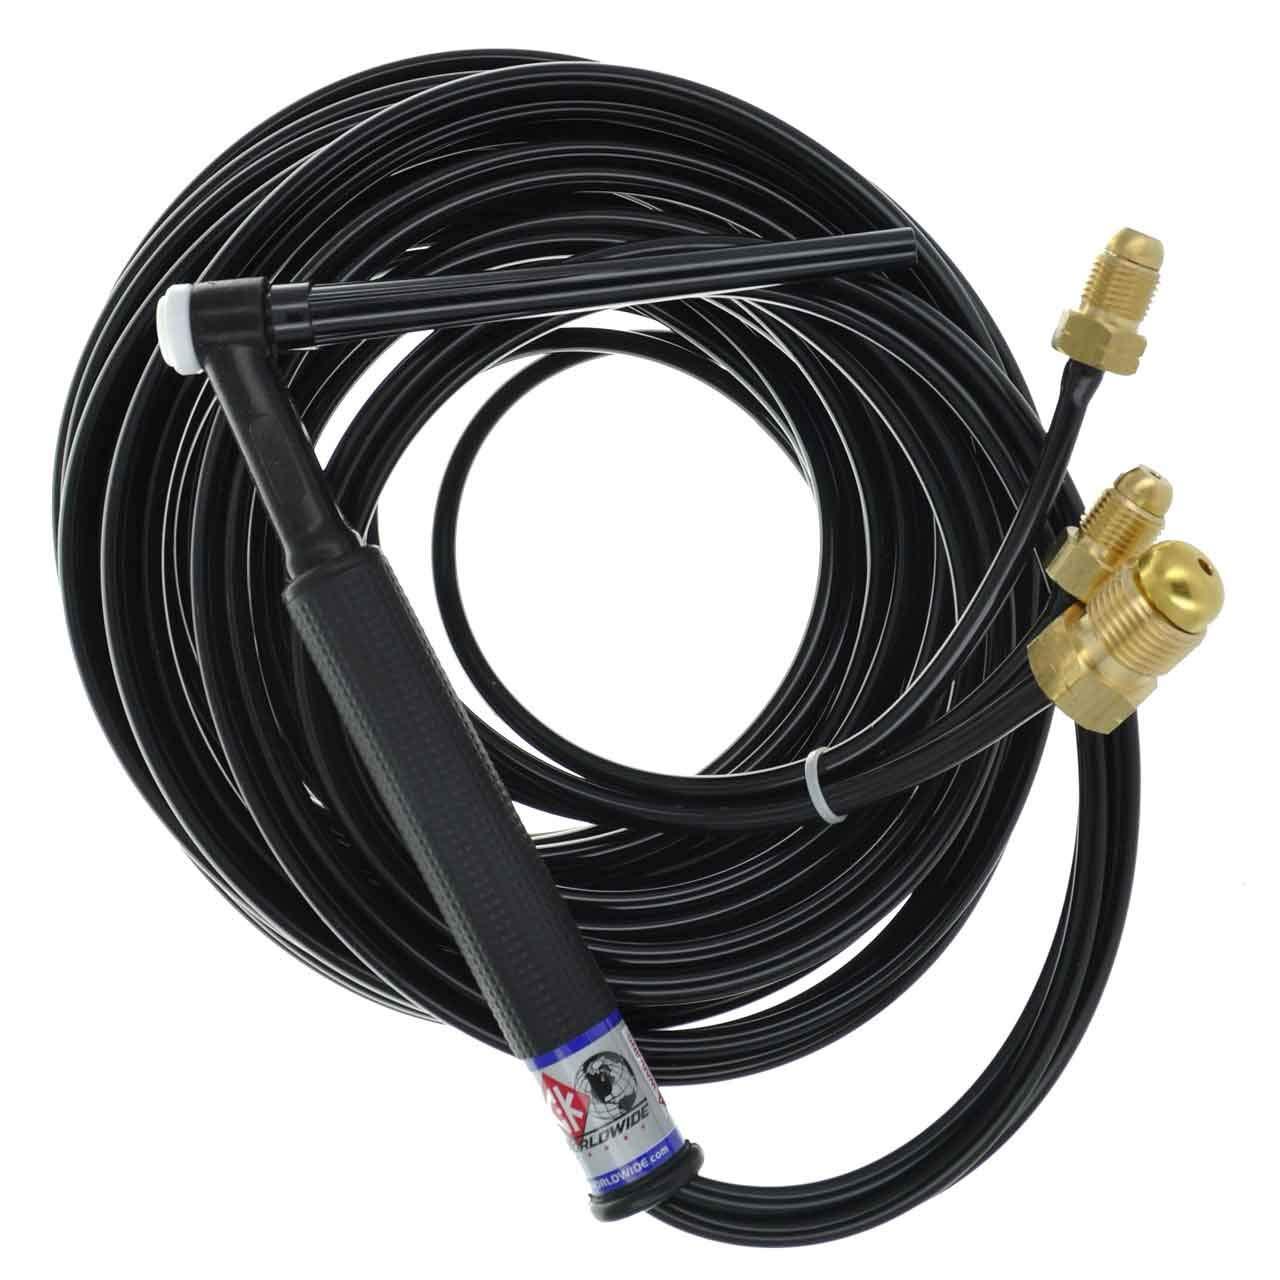 CK CK2325 FX Torch Pkg 300A Fx w/ 25' Triflex Cable CK Worldwide